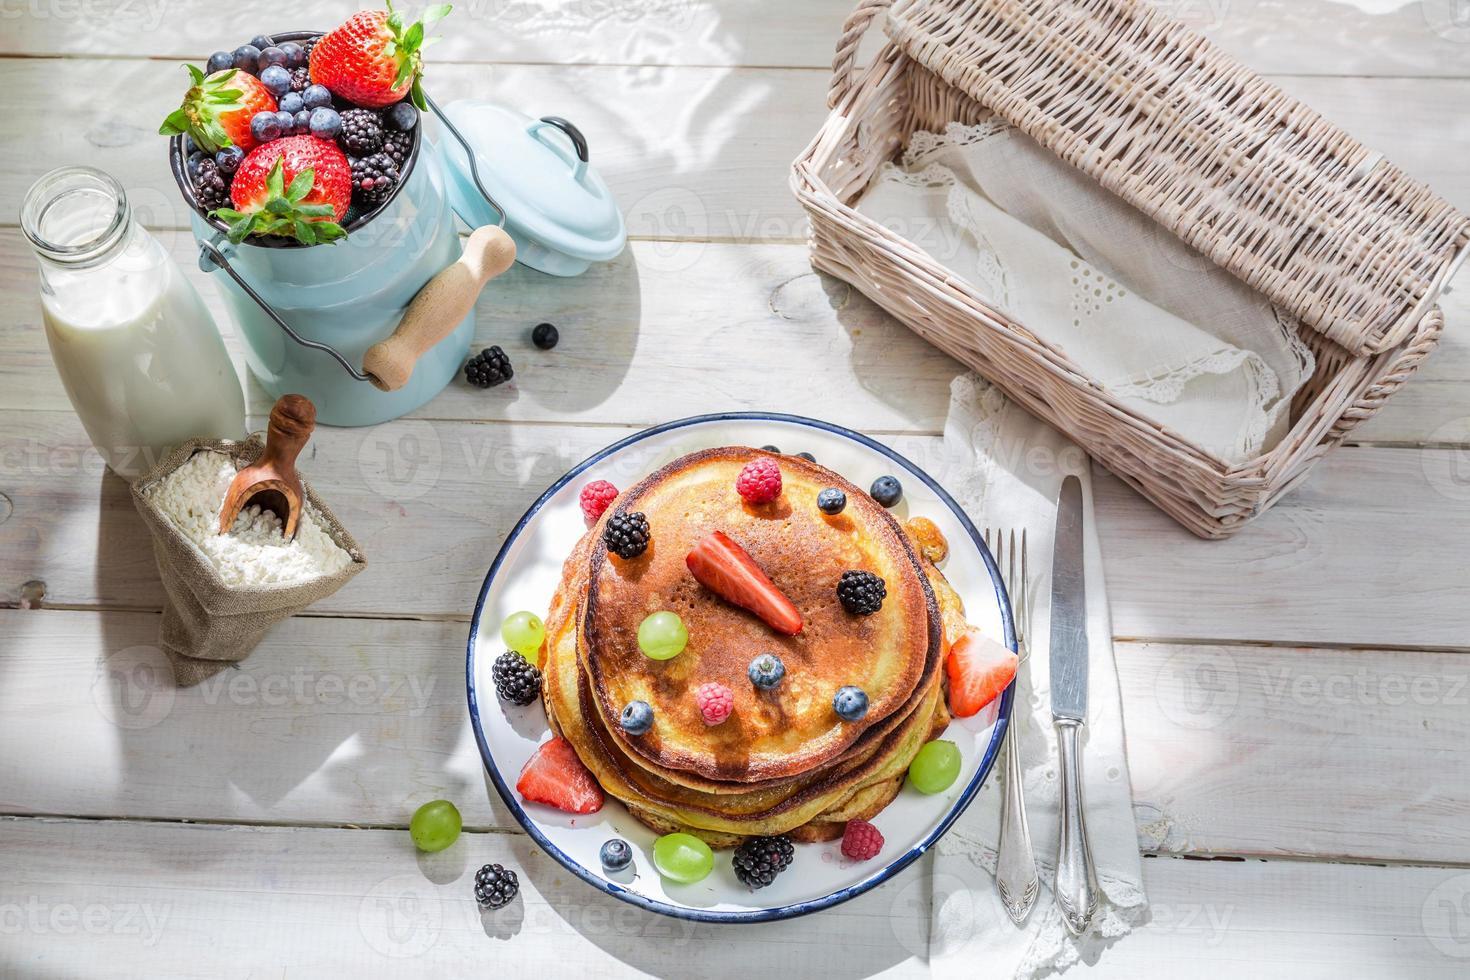 amerikanische Pfannkuchen mit Ahornsirup und Früchten foto